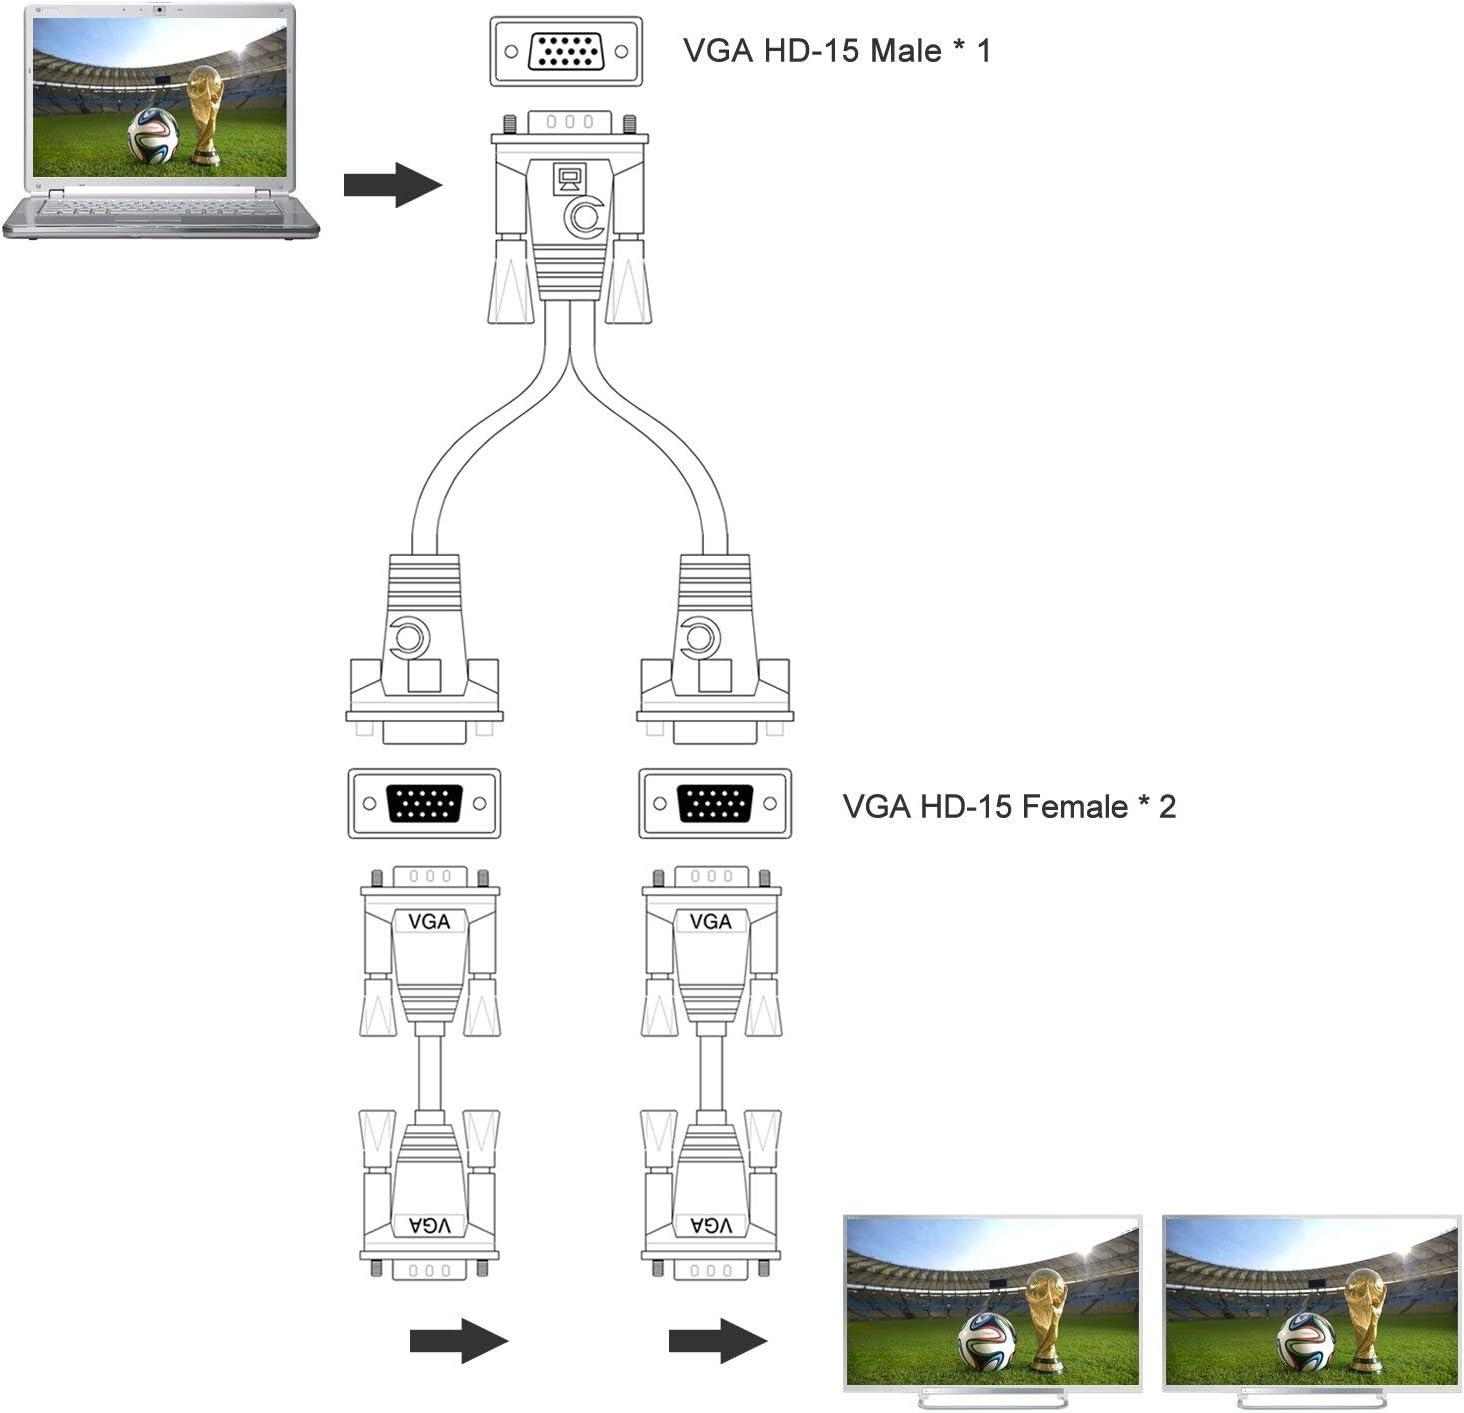 HUACAM 15P VGA Splitterkabel 1 Stecker auf 2 weiblichen Y Adapter Monitor Konverter f/ür PC Video Computer TV Projektor Bildschirm Duplikation 30 cm